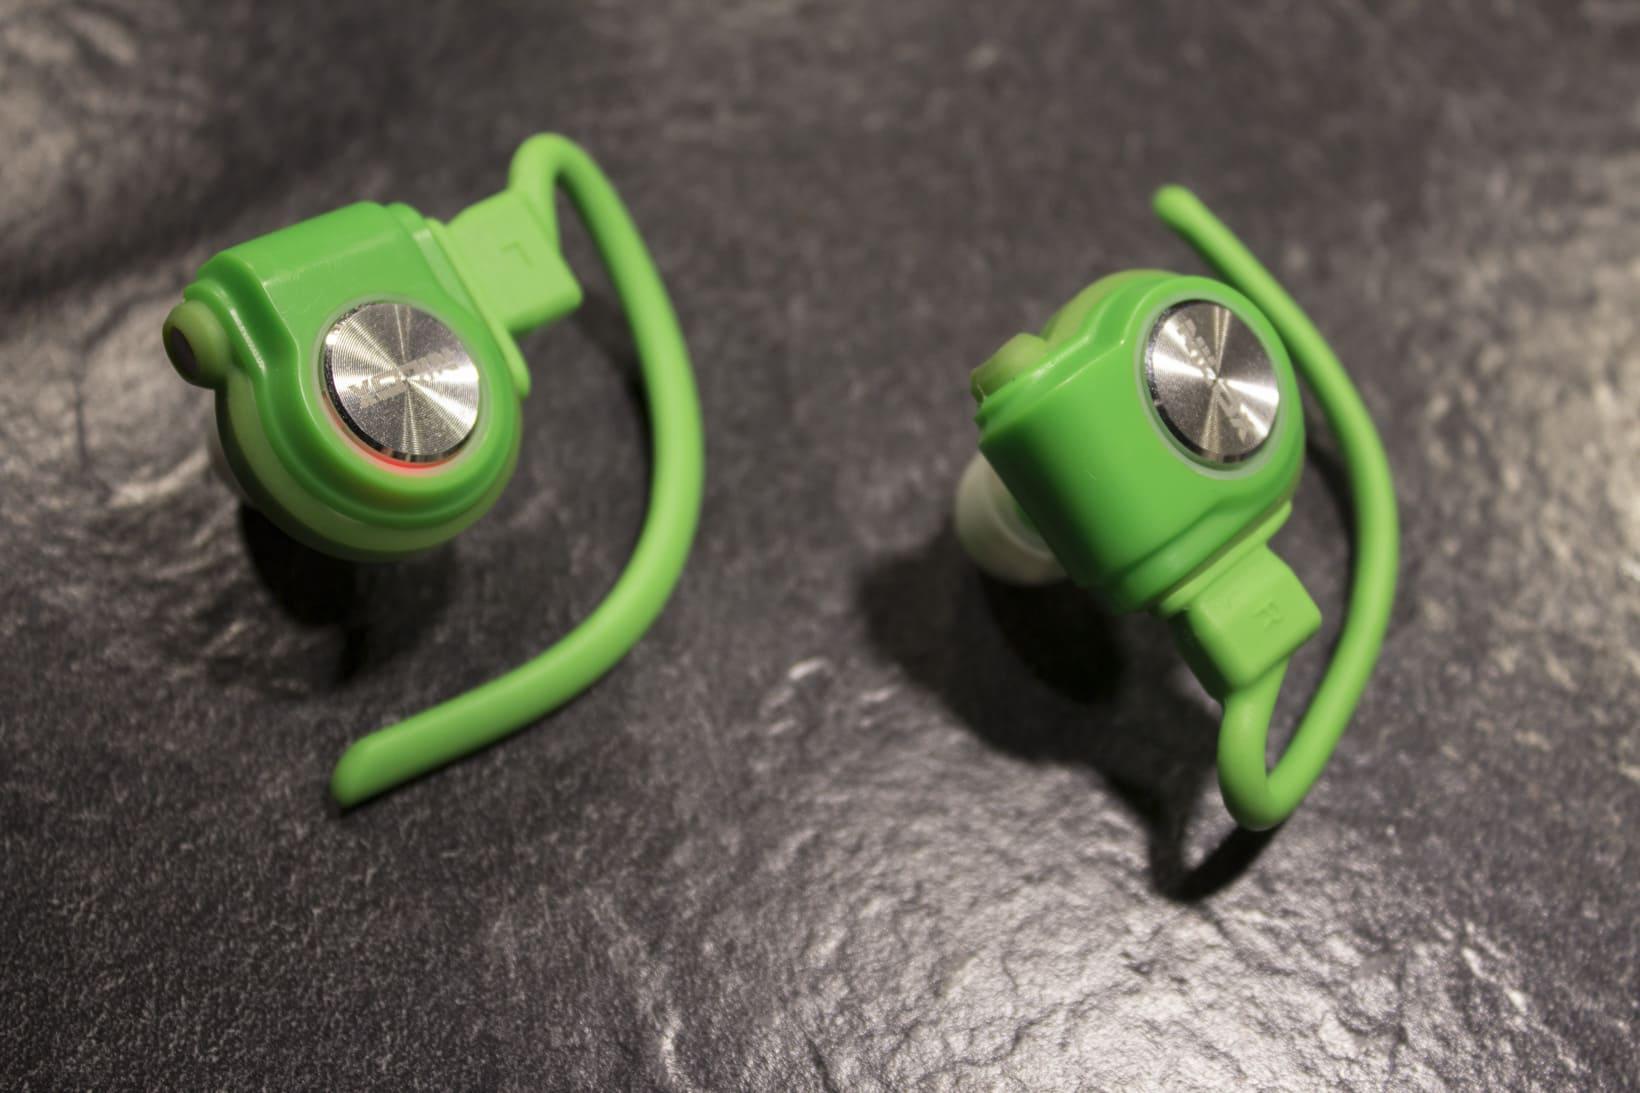 Da die Kopfhörer kabellos verbunden sind, braucht jeder Kopfhörer einen eigenen Akku und Einschaltknopf